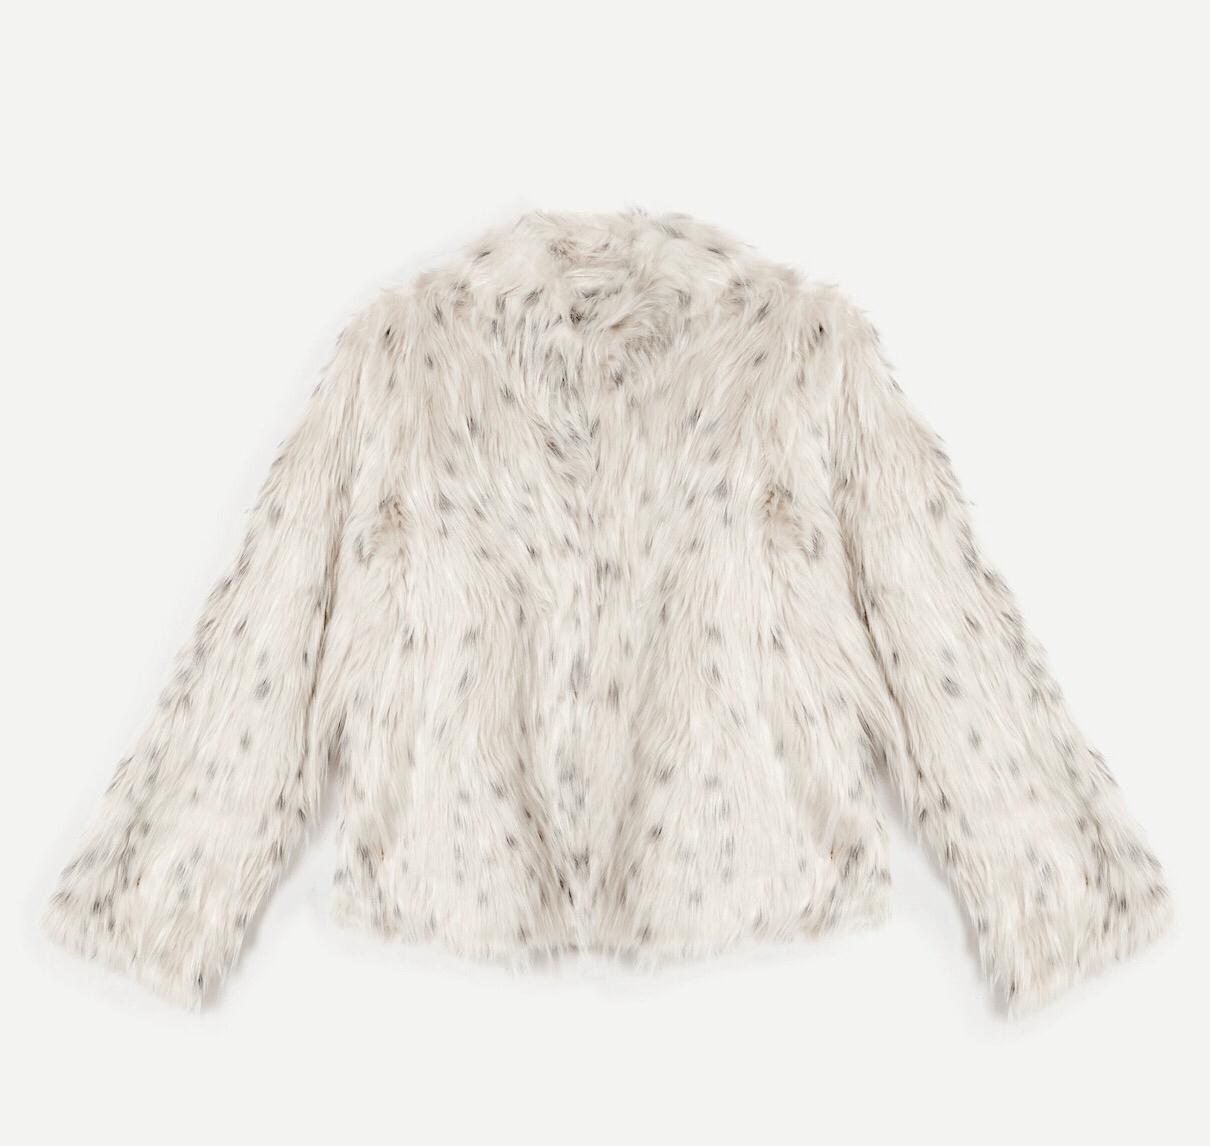 Topshop Snow Leopard Print Coat